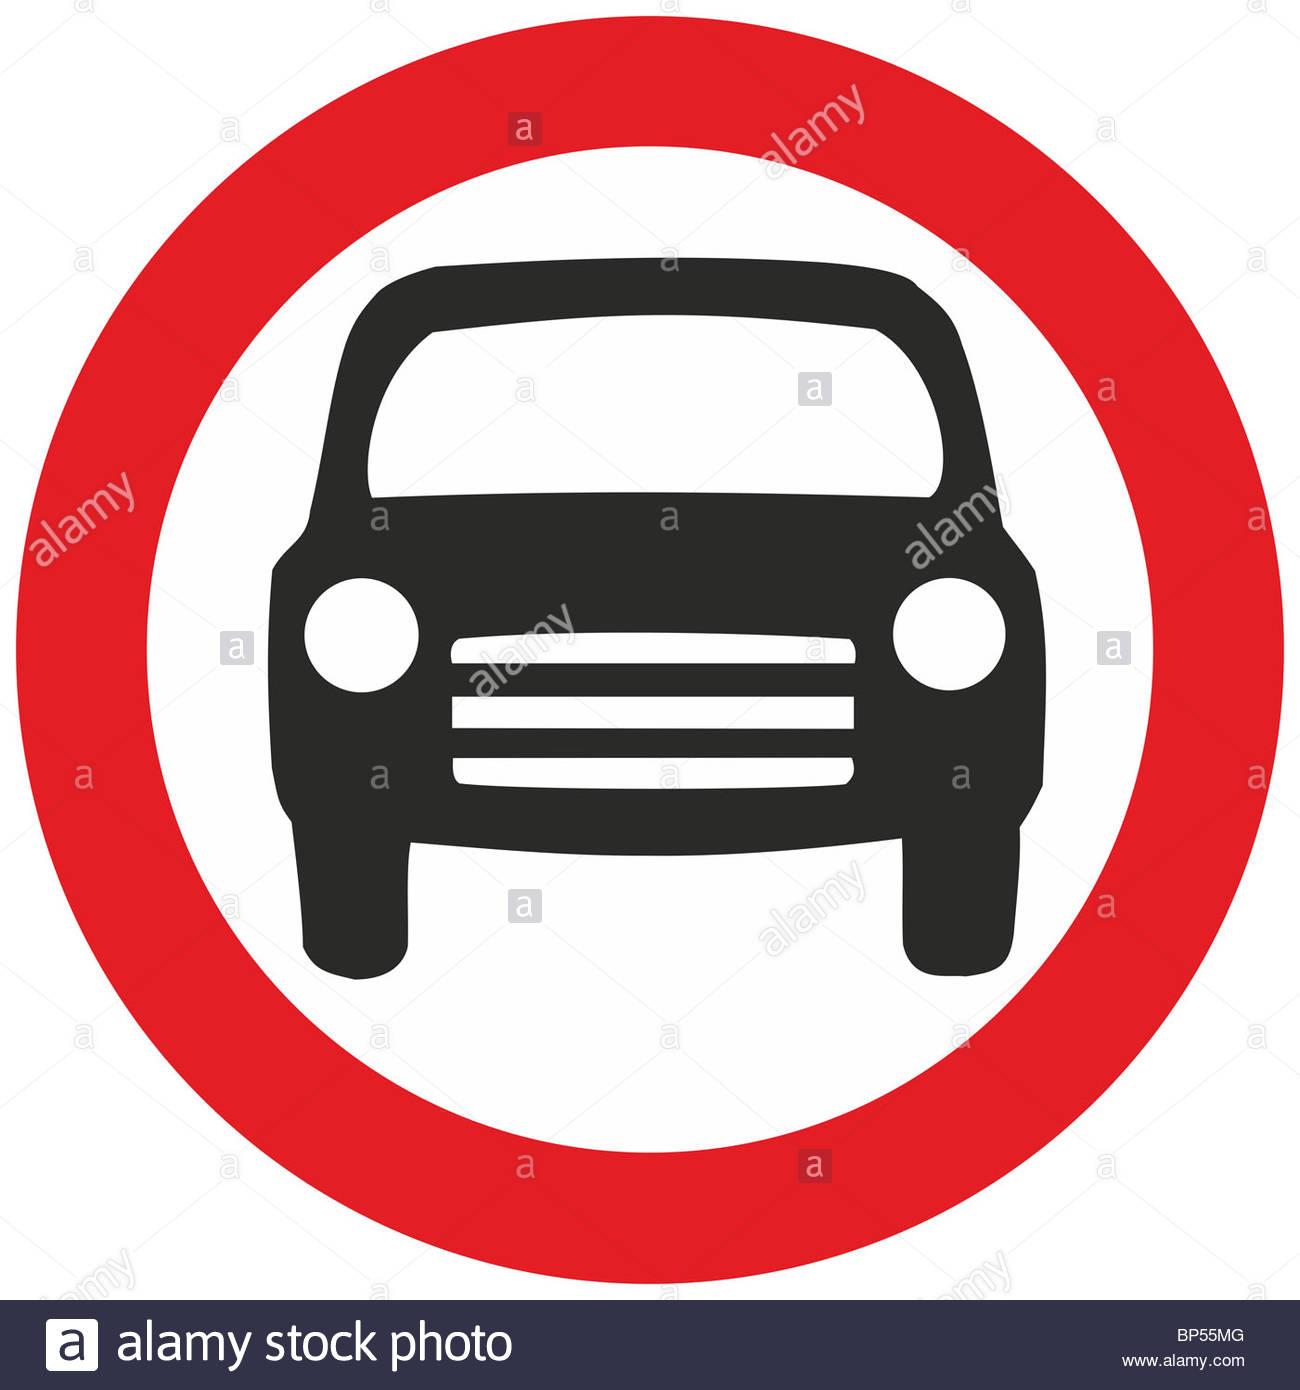 Uk Road Sign No Motor Vehicles Prohibited Cars Stock Photo.